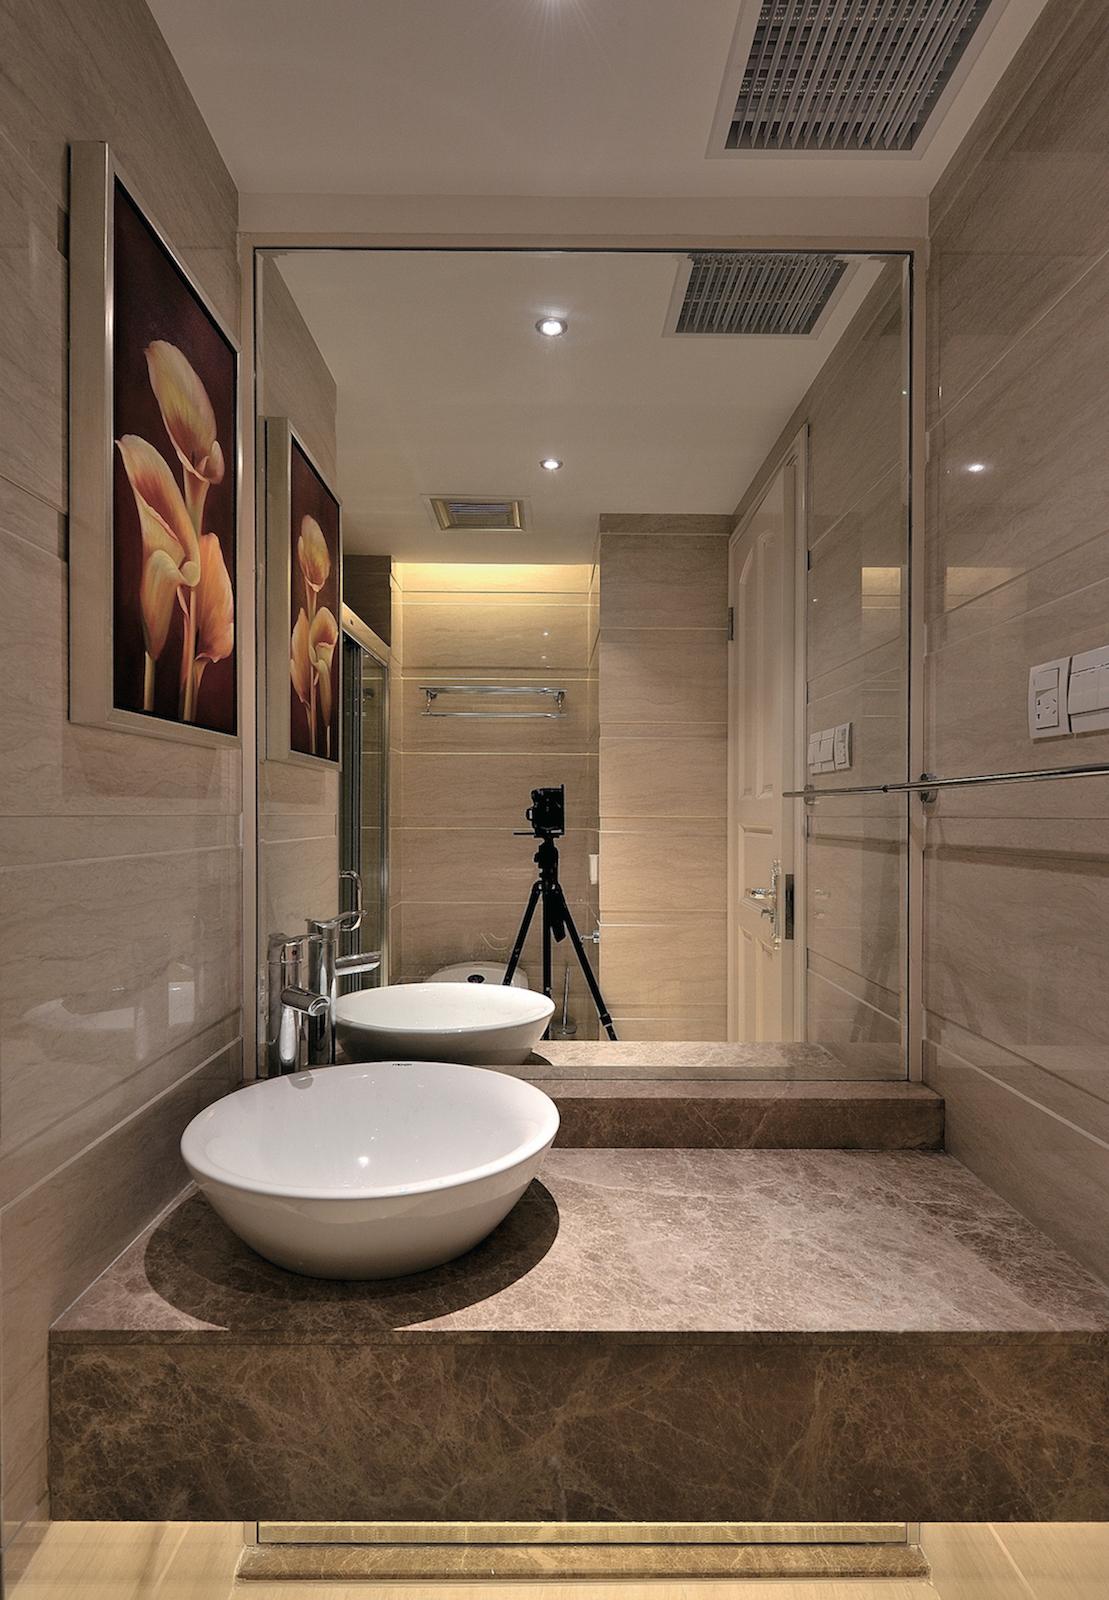 зеркало в плитке ванной комнаты